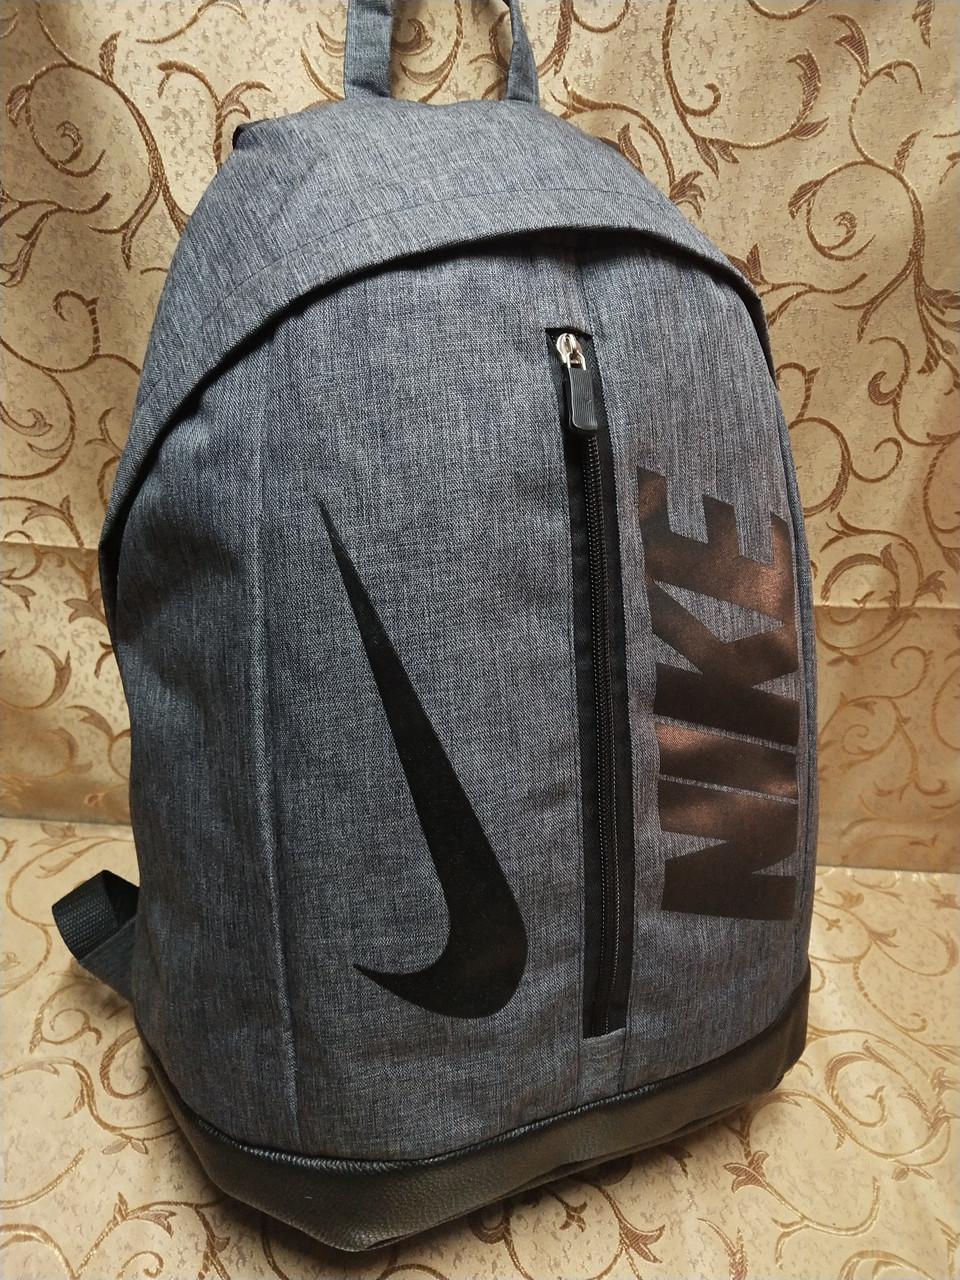 Рюкзак nike мессенджер с кожаным дном спортивный городской стильный ОПТ